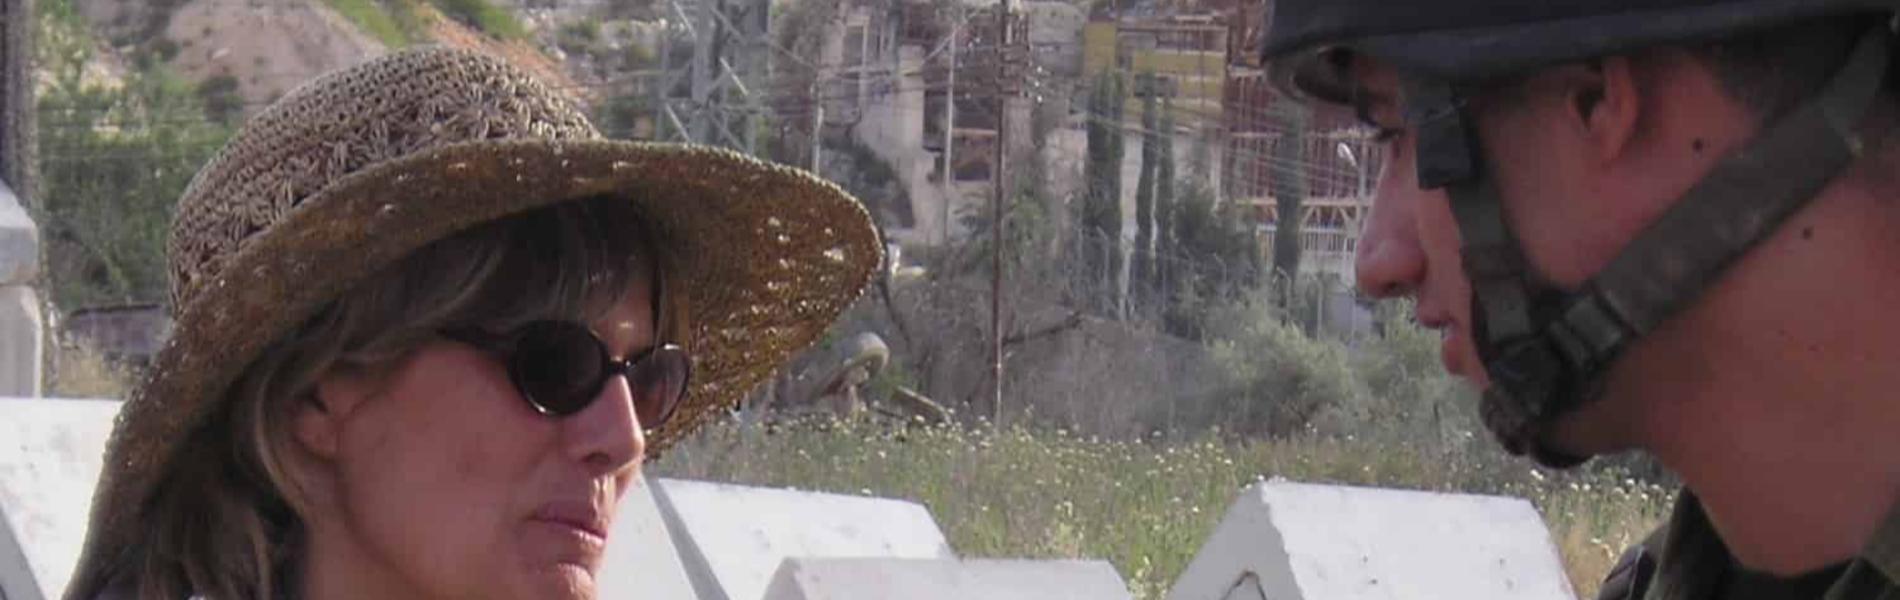 """דפנה בנאי: """"הזעקה שלי ושל גברי יוצאת מתוך הישראליות שלנו והכאב על מה שקרה"""""""